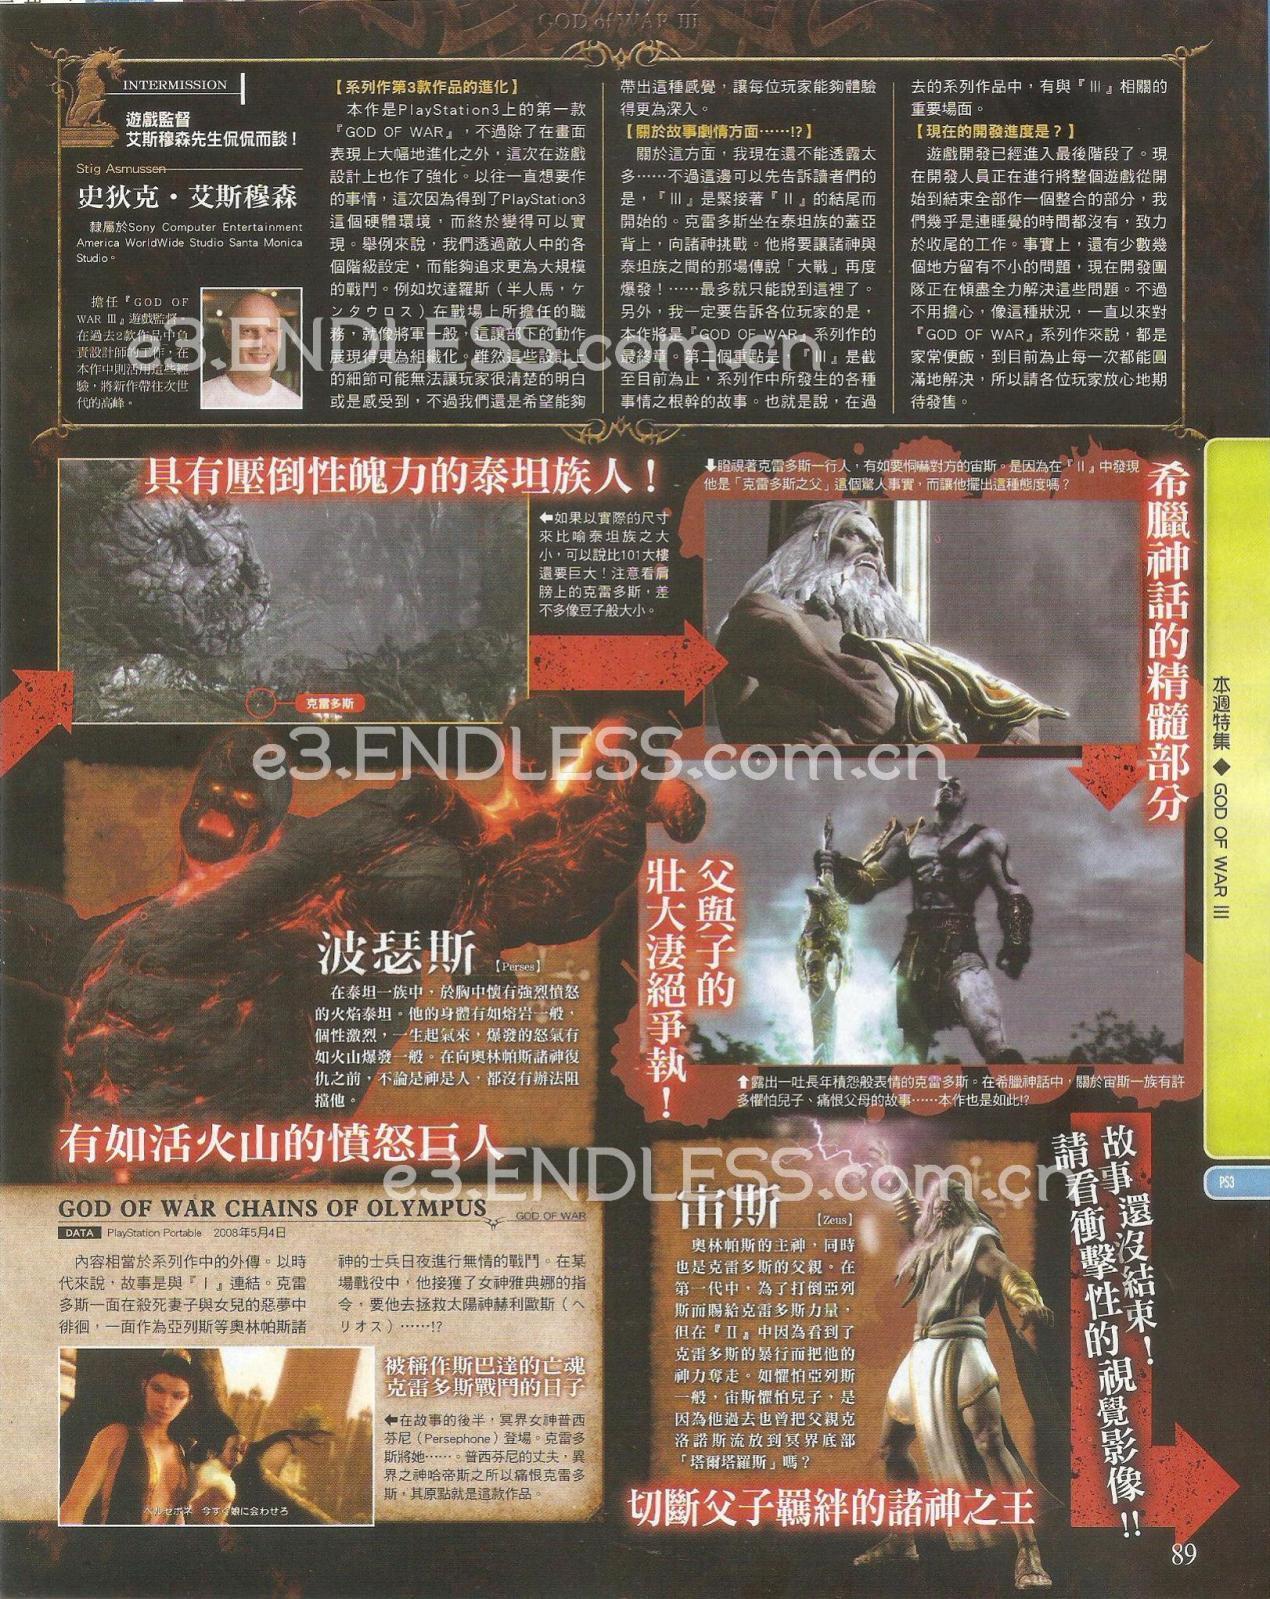 god_of_war_scan_4